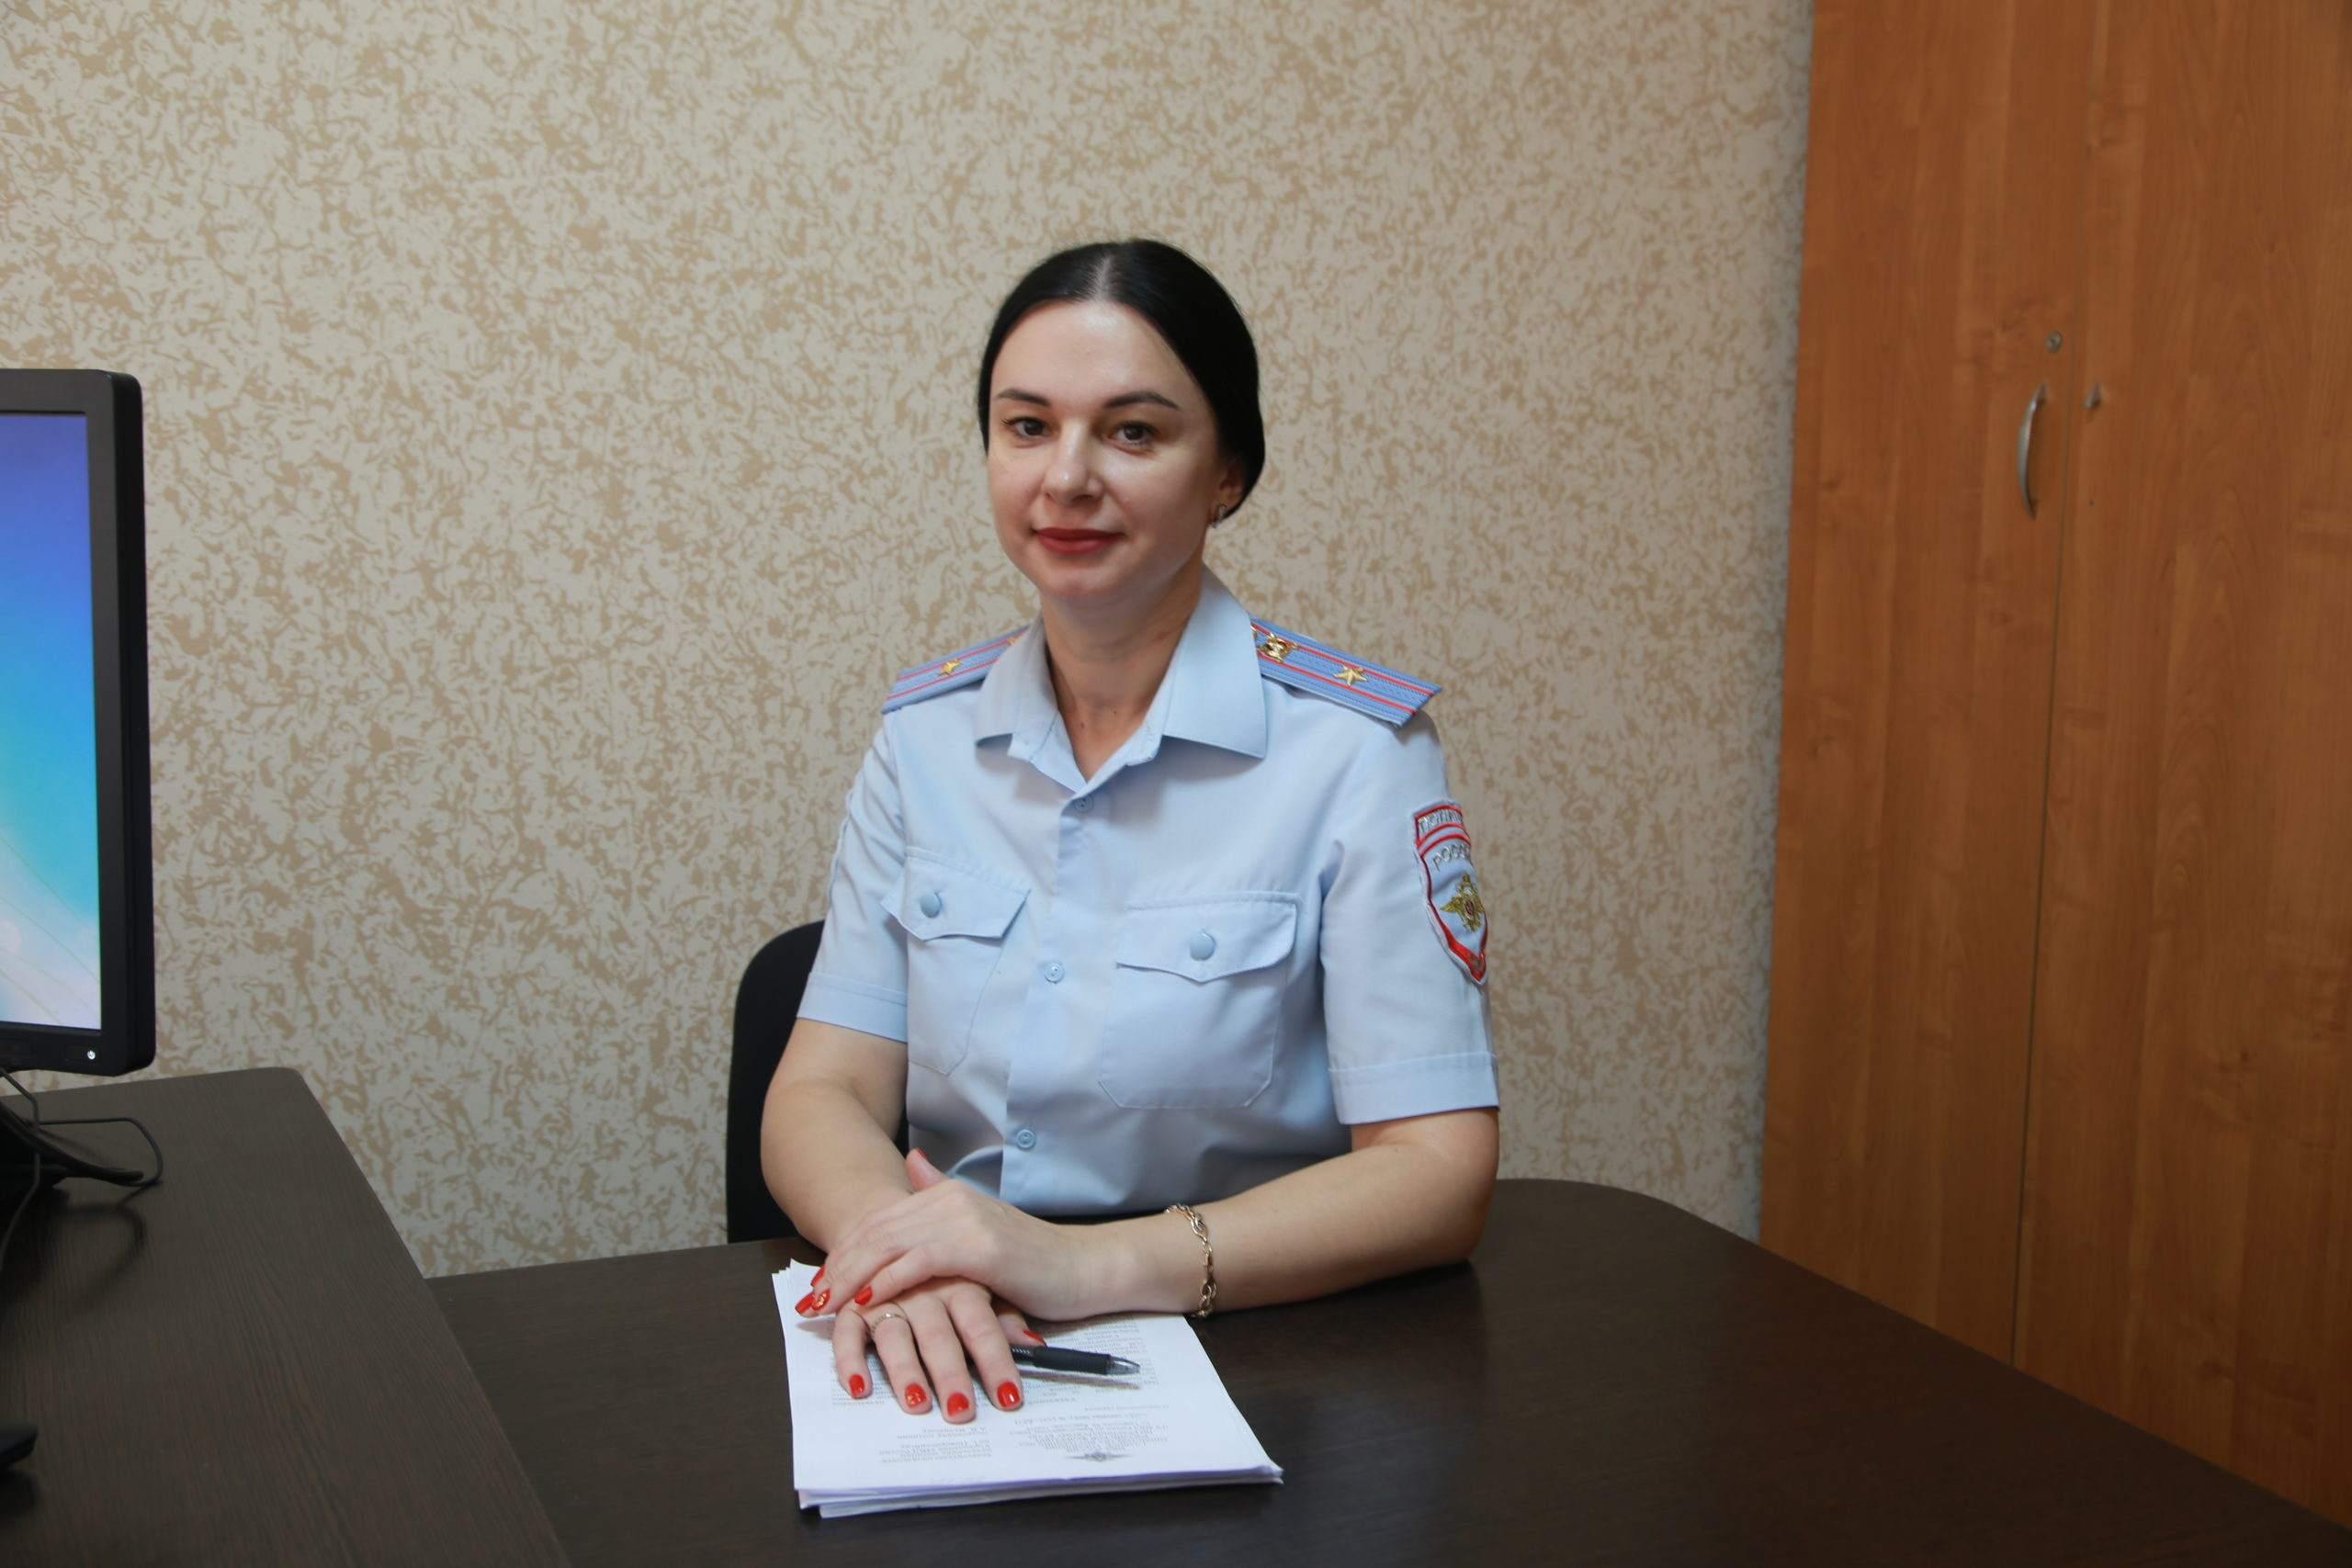 Картина преступности Новороссийска: воруем, угоняем и деремся